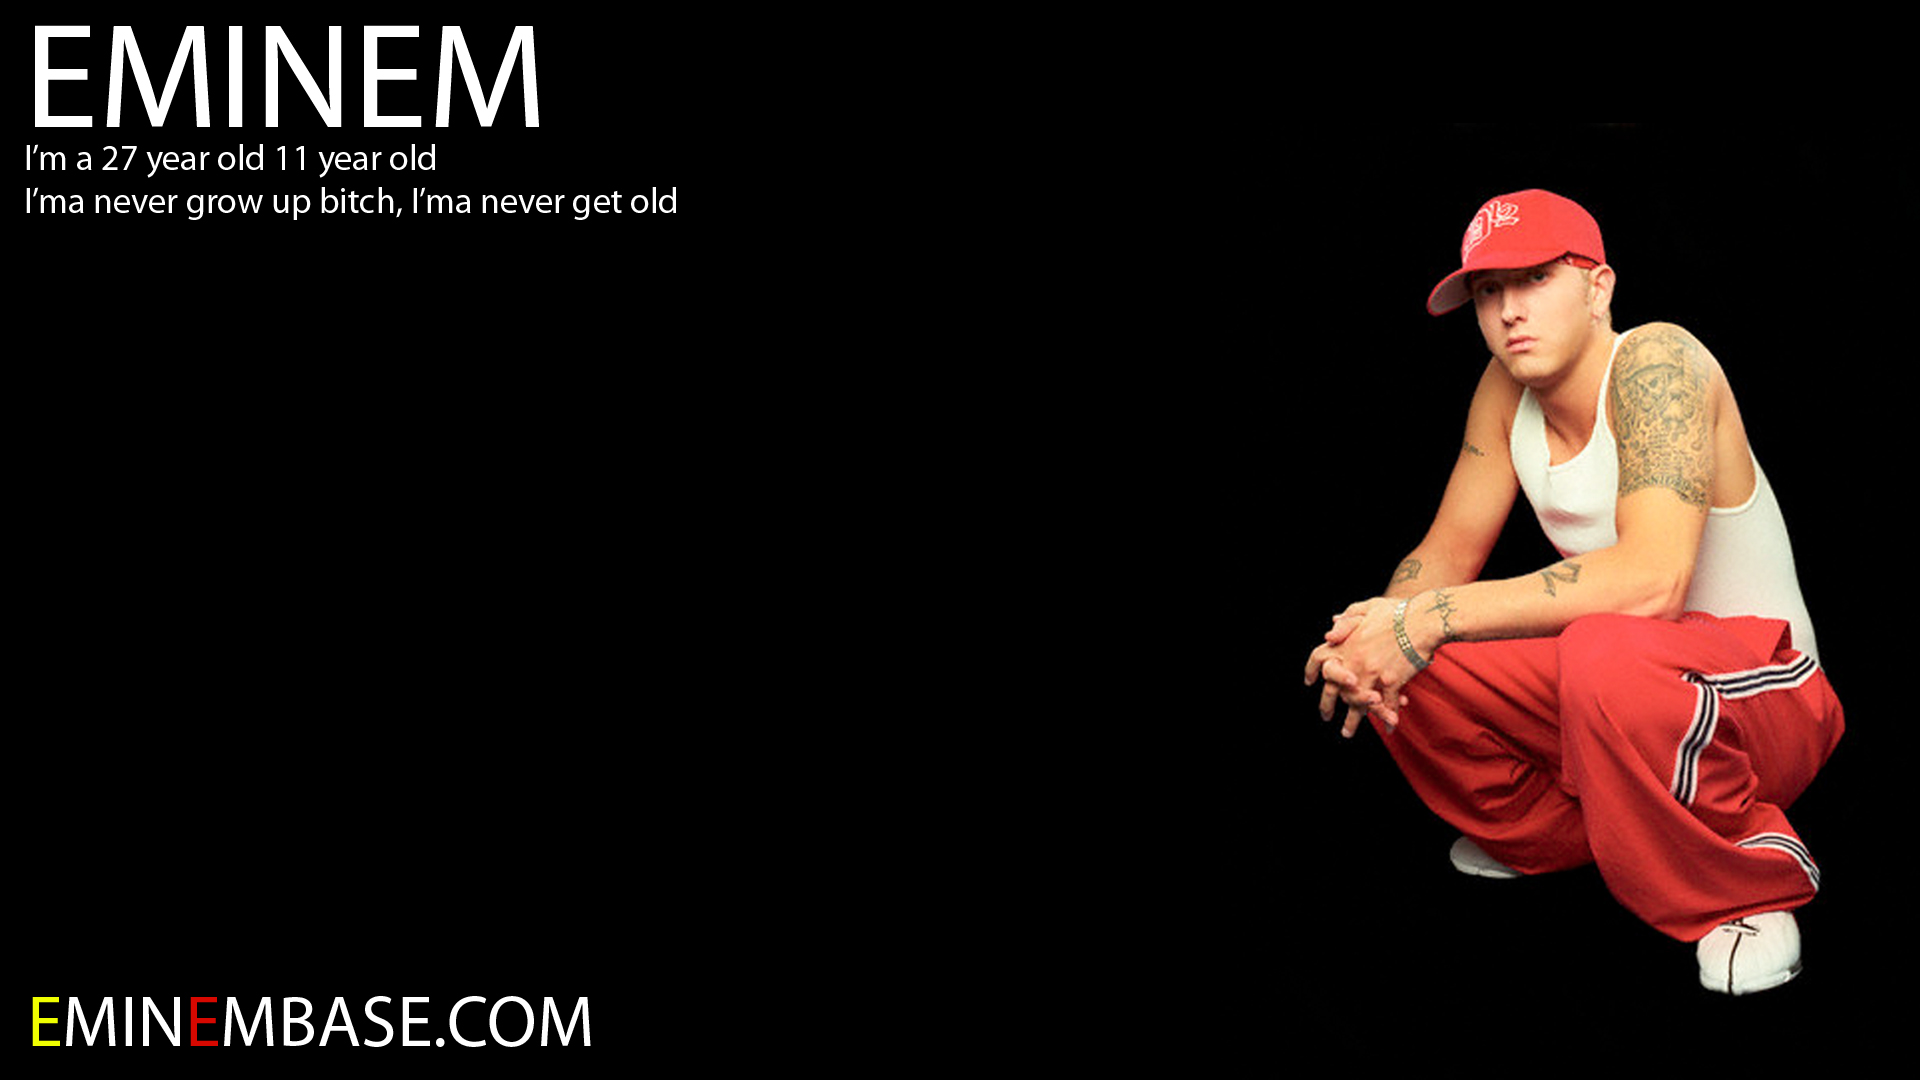 Eminem randomness